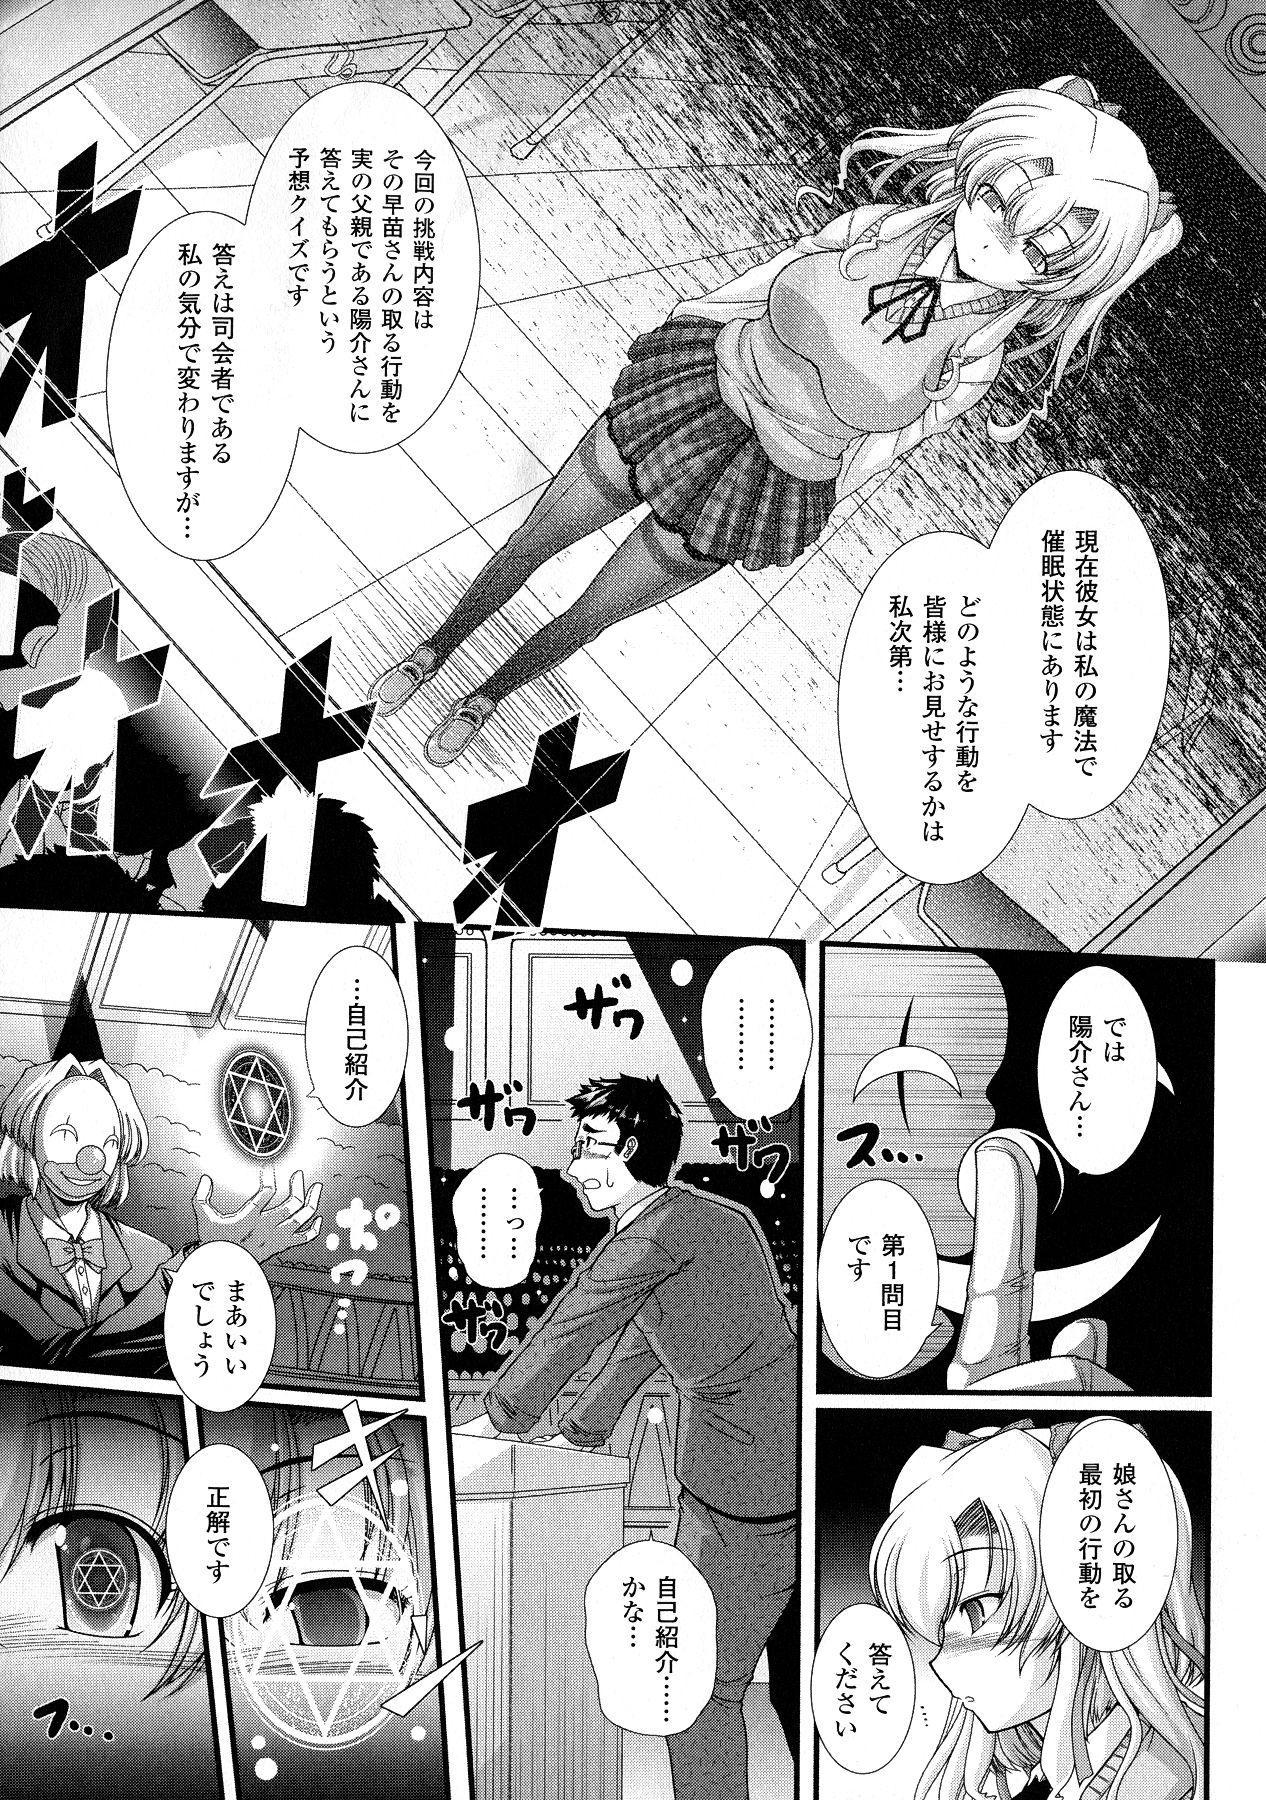 Akuma no Shitsumon 40